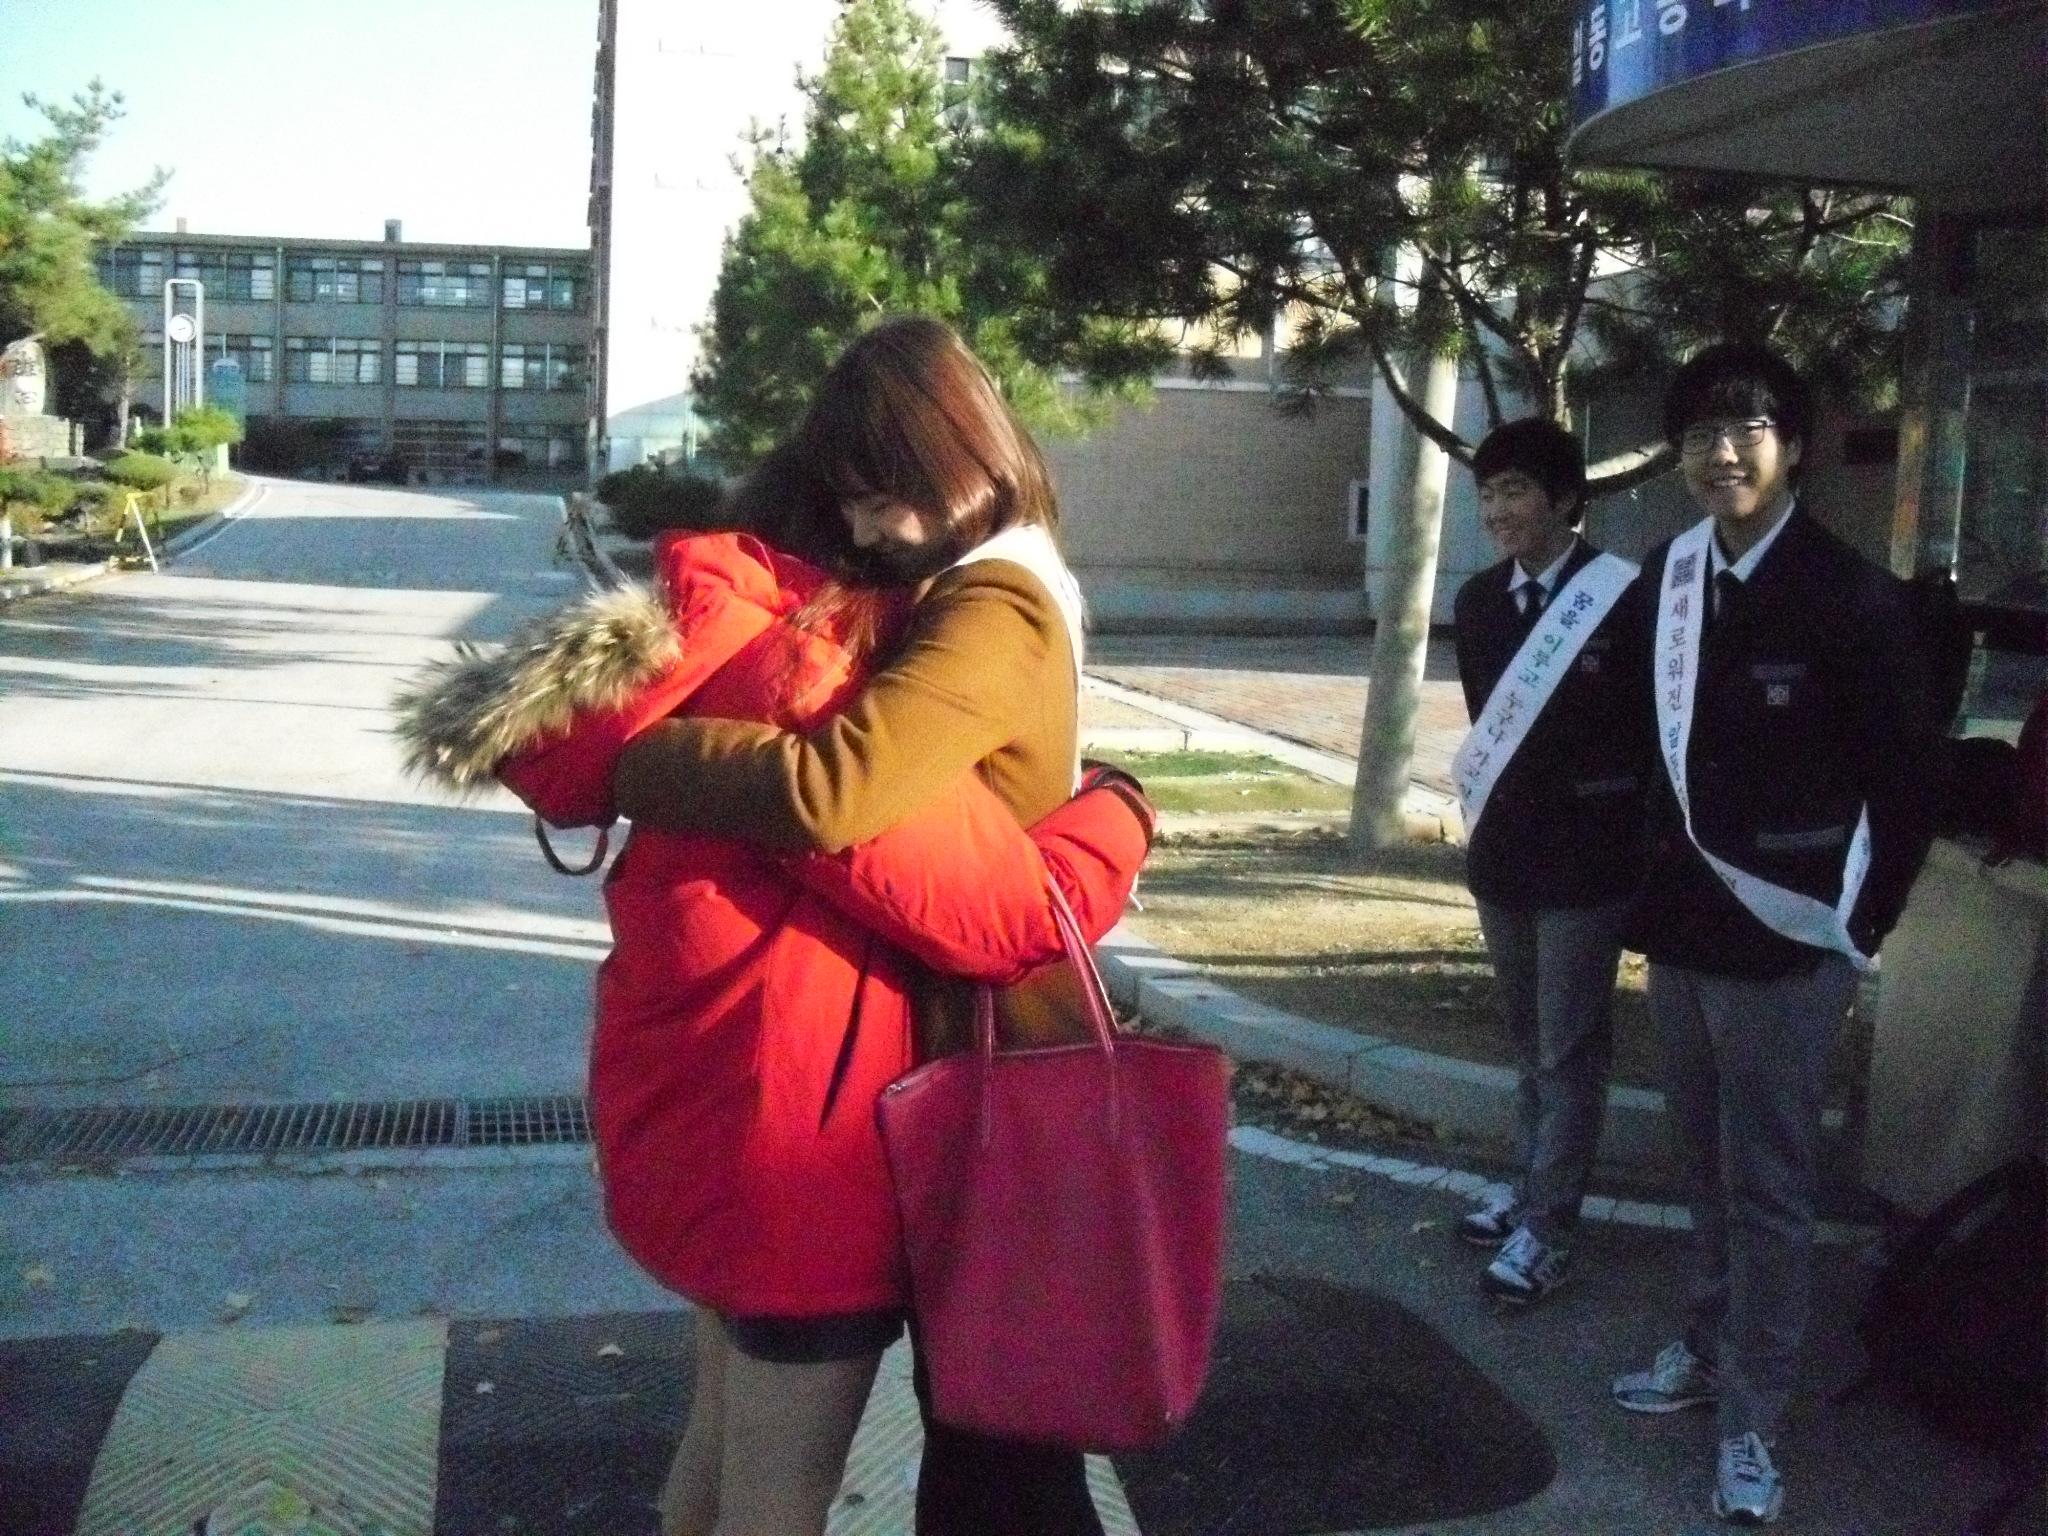 [일반] 학생의 날 기념 Free Hug DAY의 첨부이미지 1